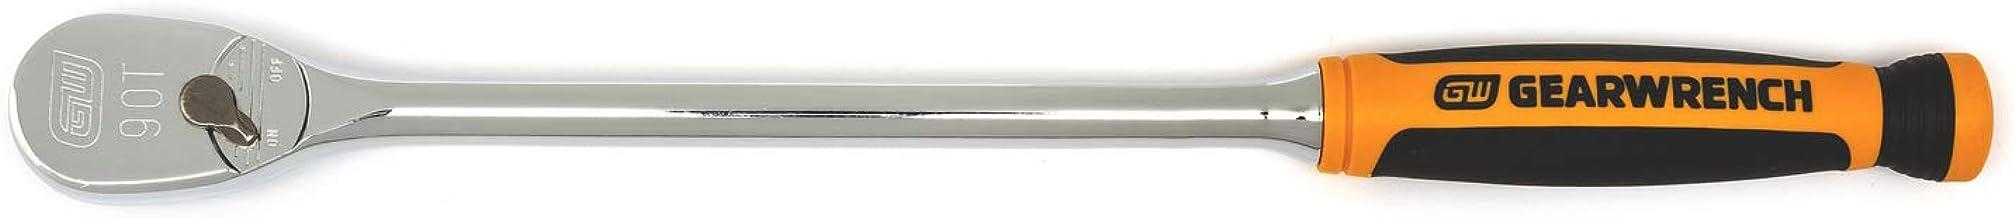 مفتاح ربط أدوات يدوية للسيارات 81265T من GEARWRENCH ، متعدد الألوان، مقاس واحد